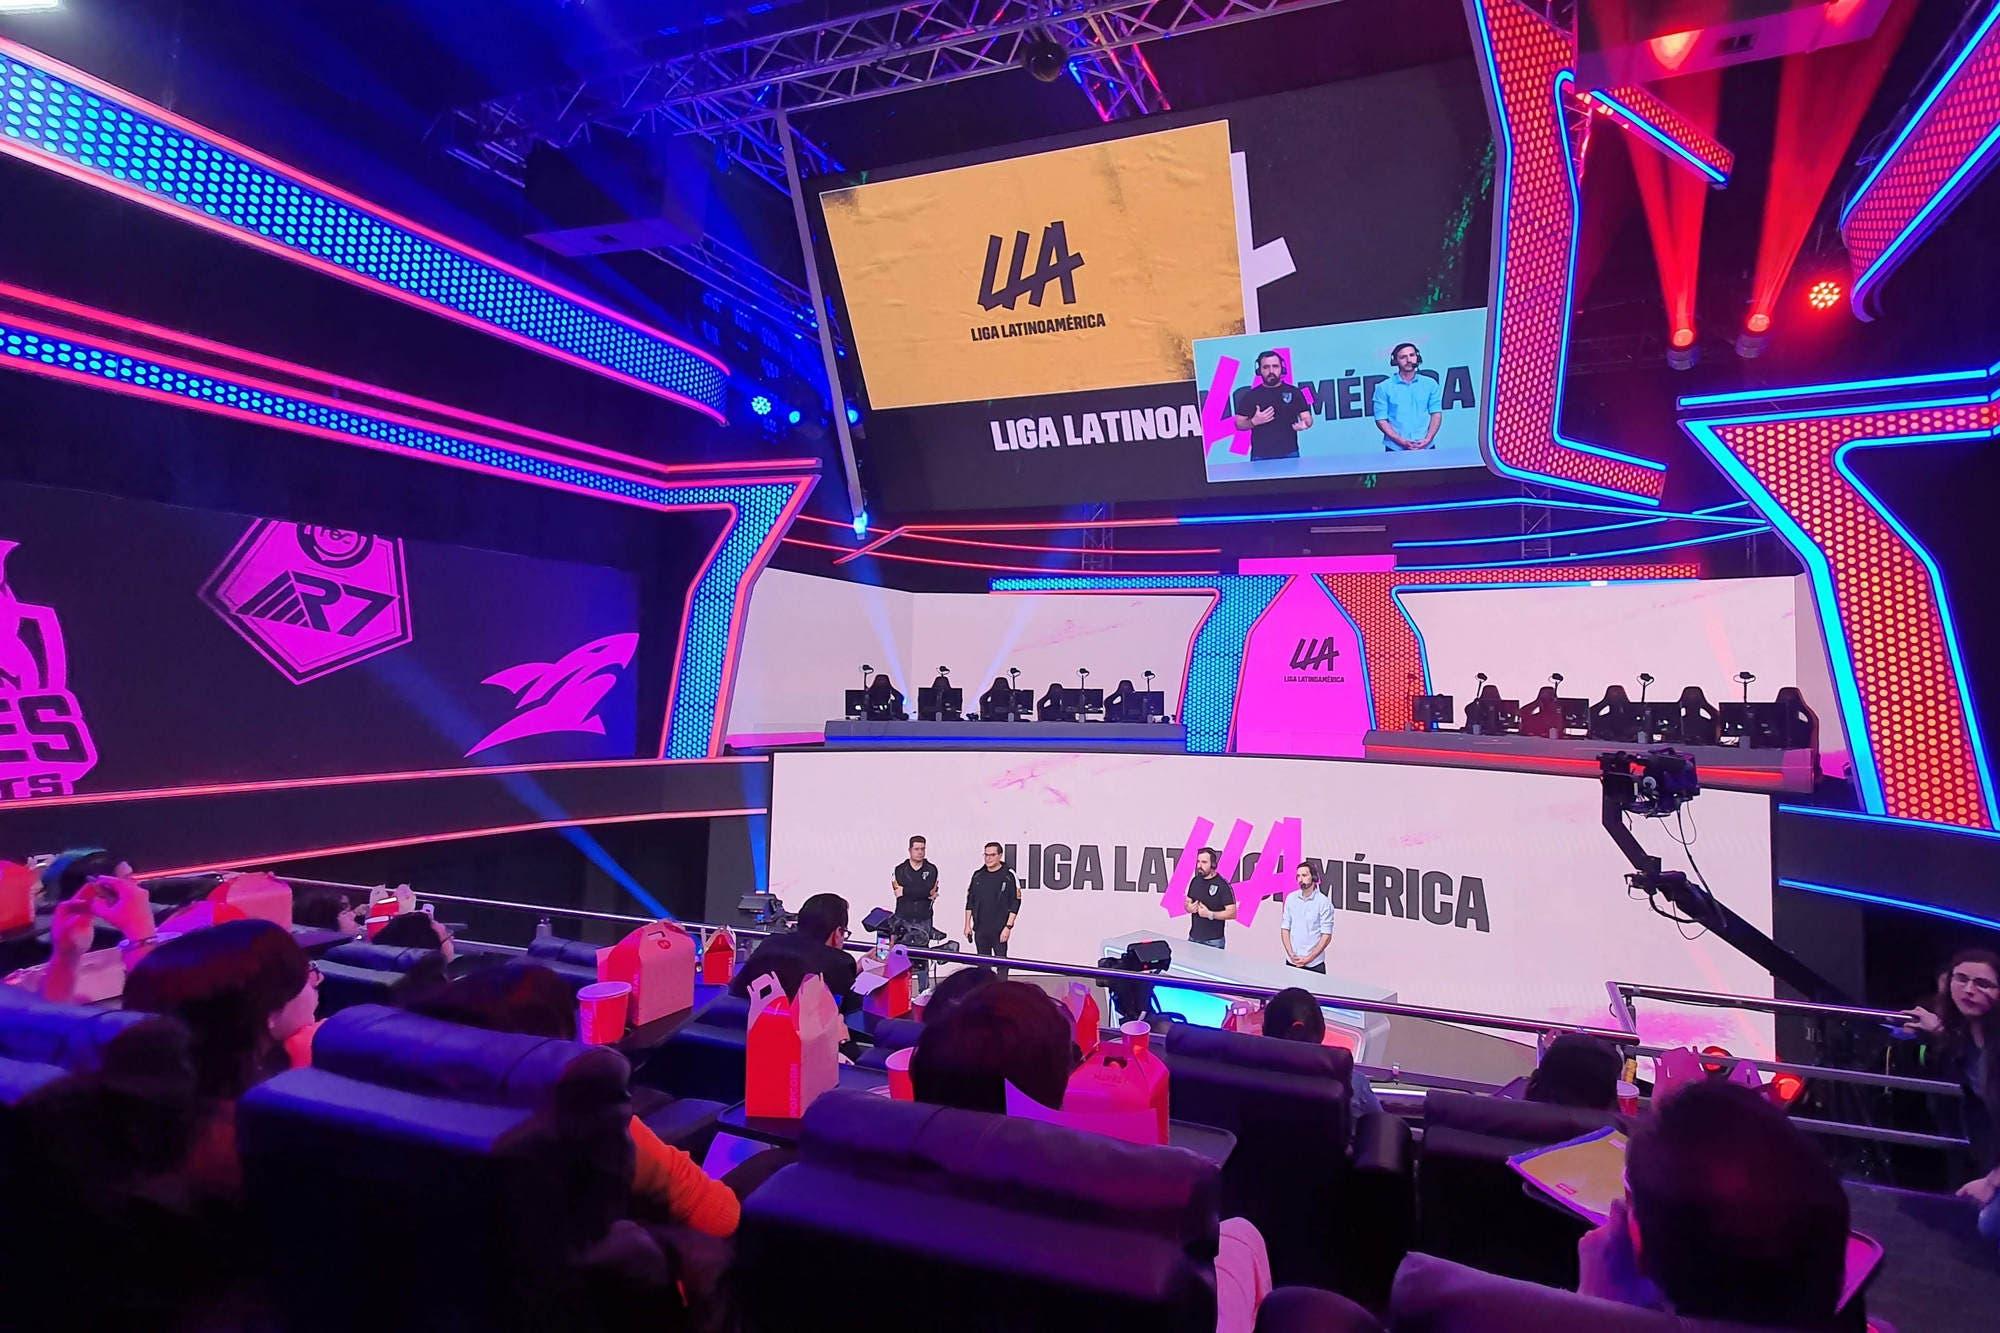 League of Legends LLA: cómo es la millonaria apuesta de los esports con presencia argentina